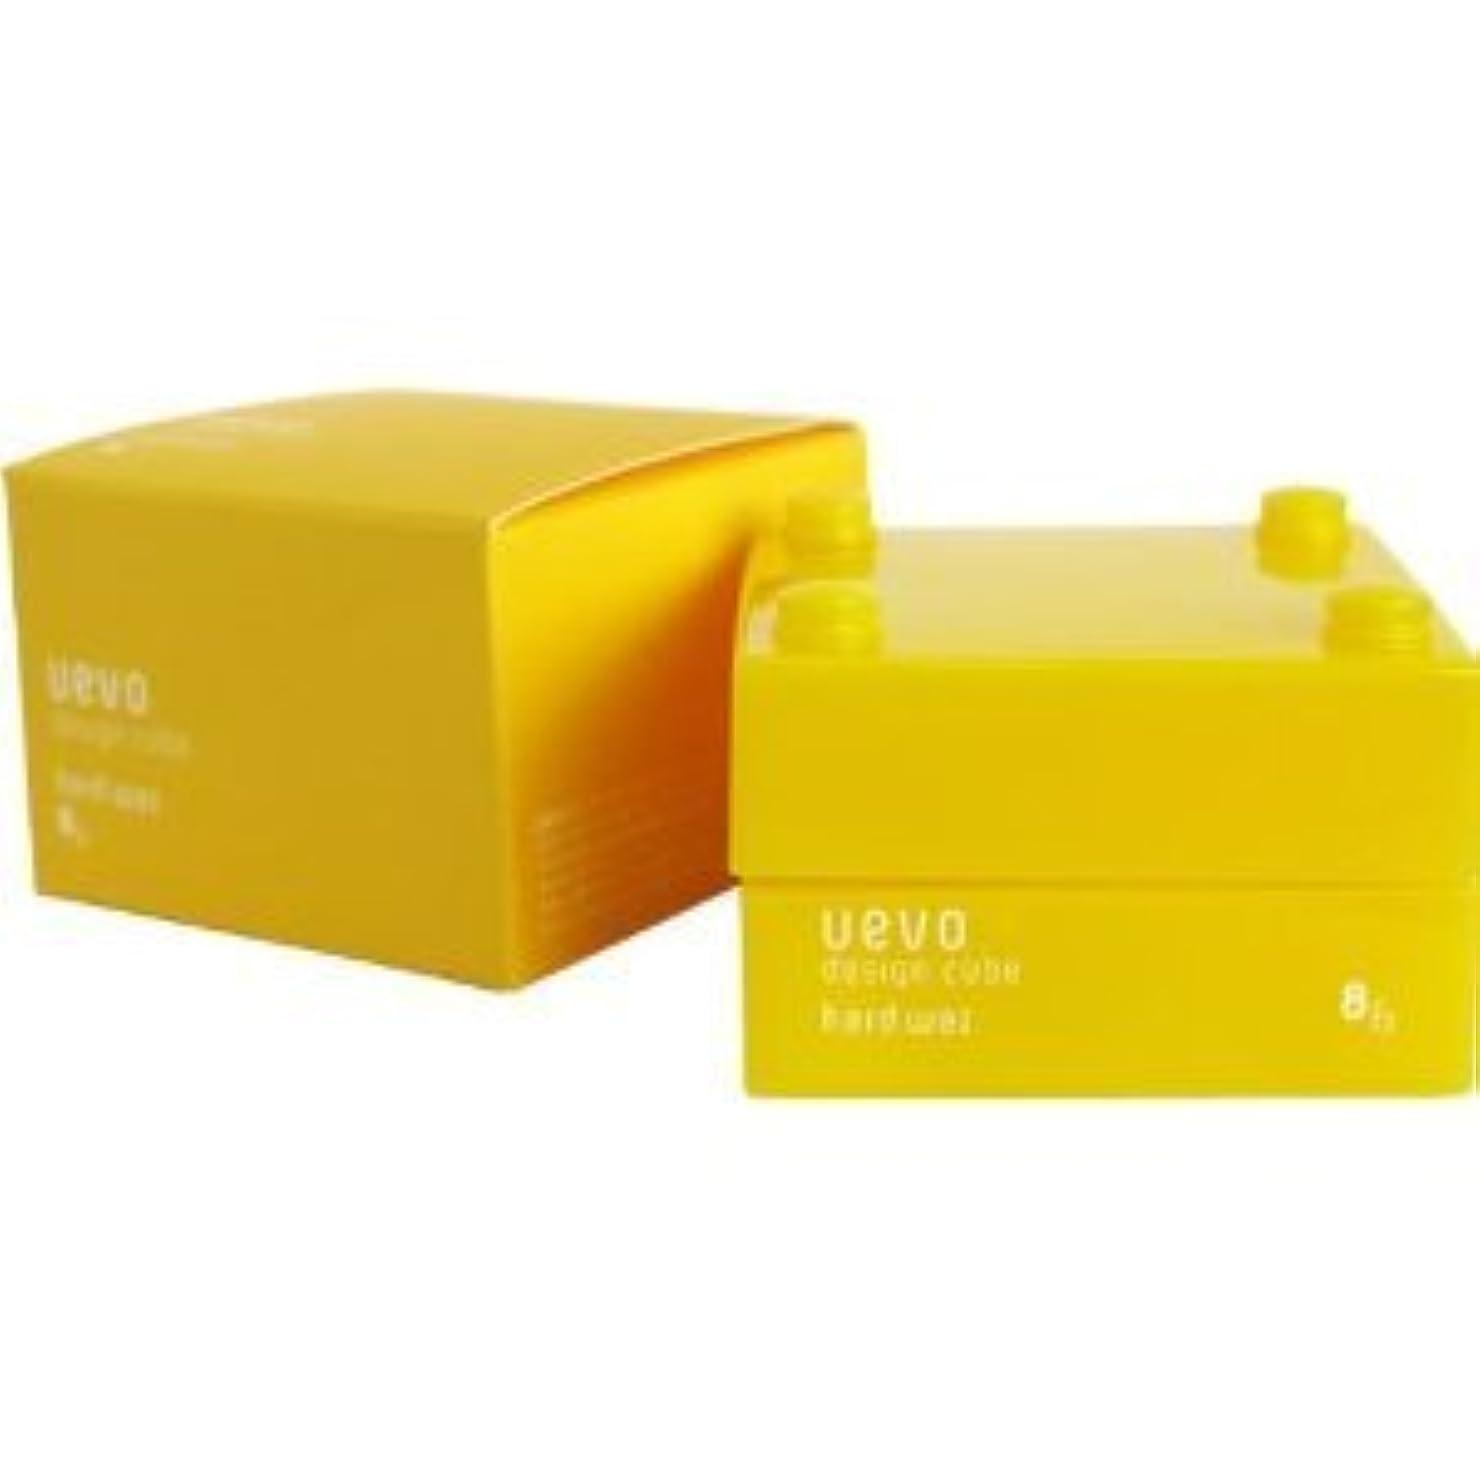 しばしばブラシ脆い【X2個セット】 デミ ウェーボ デザインキューブ ハードワックス 30g hard wax DEMI uevo design cube